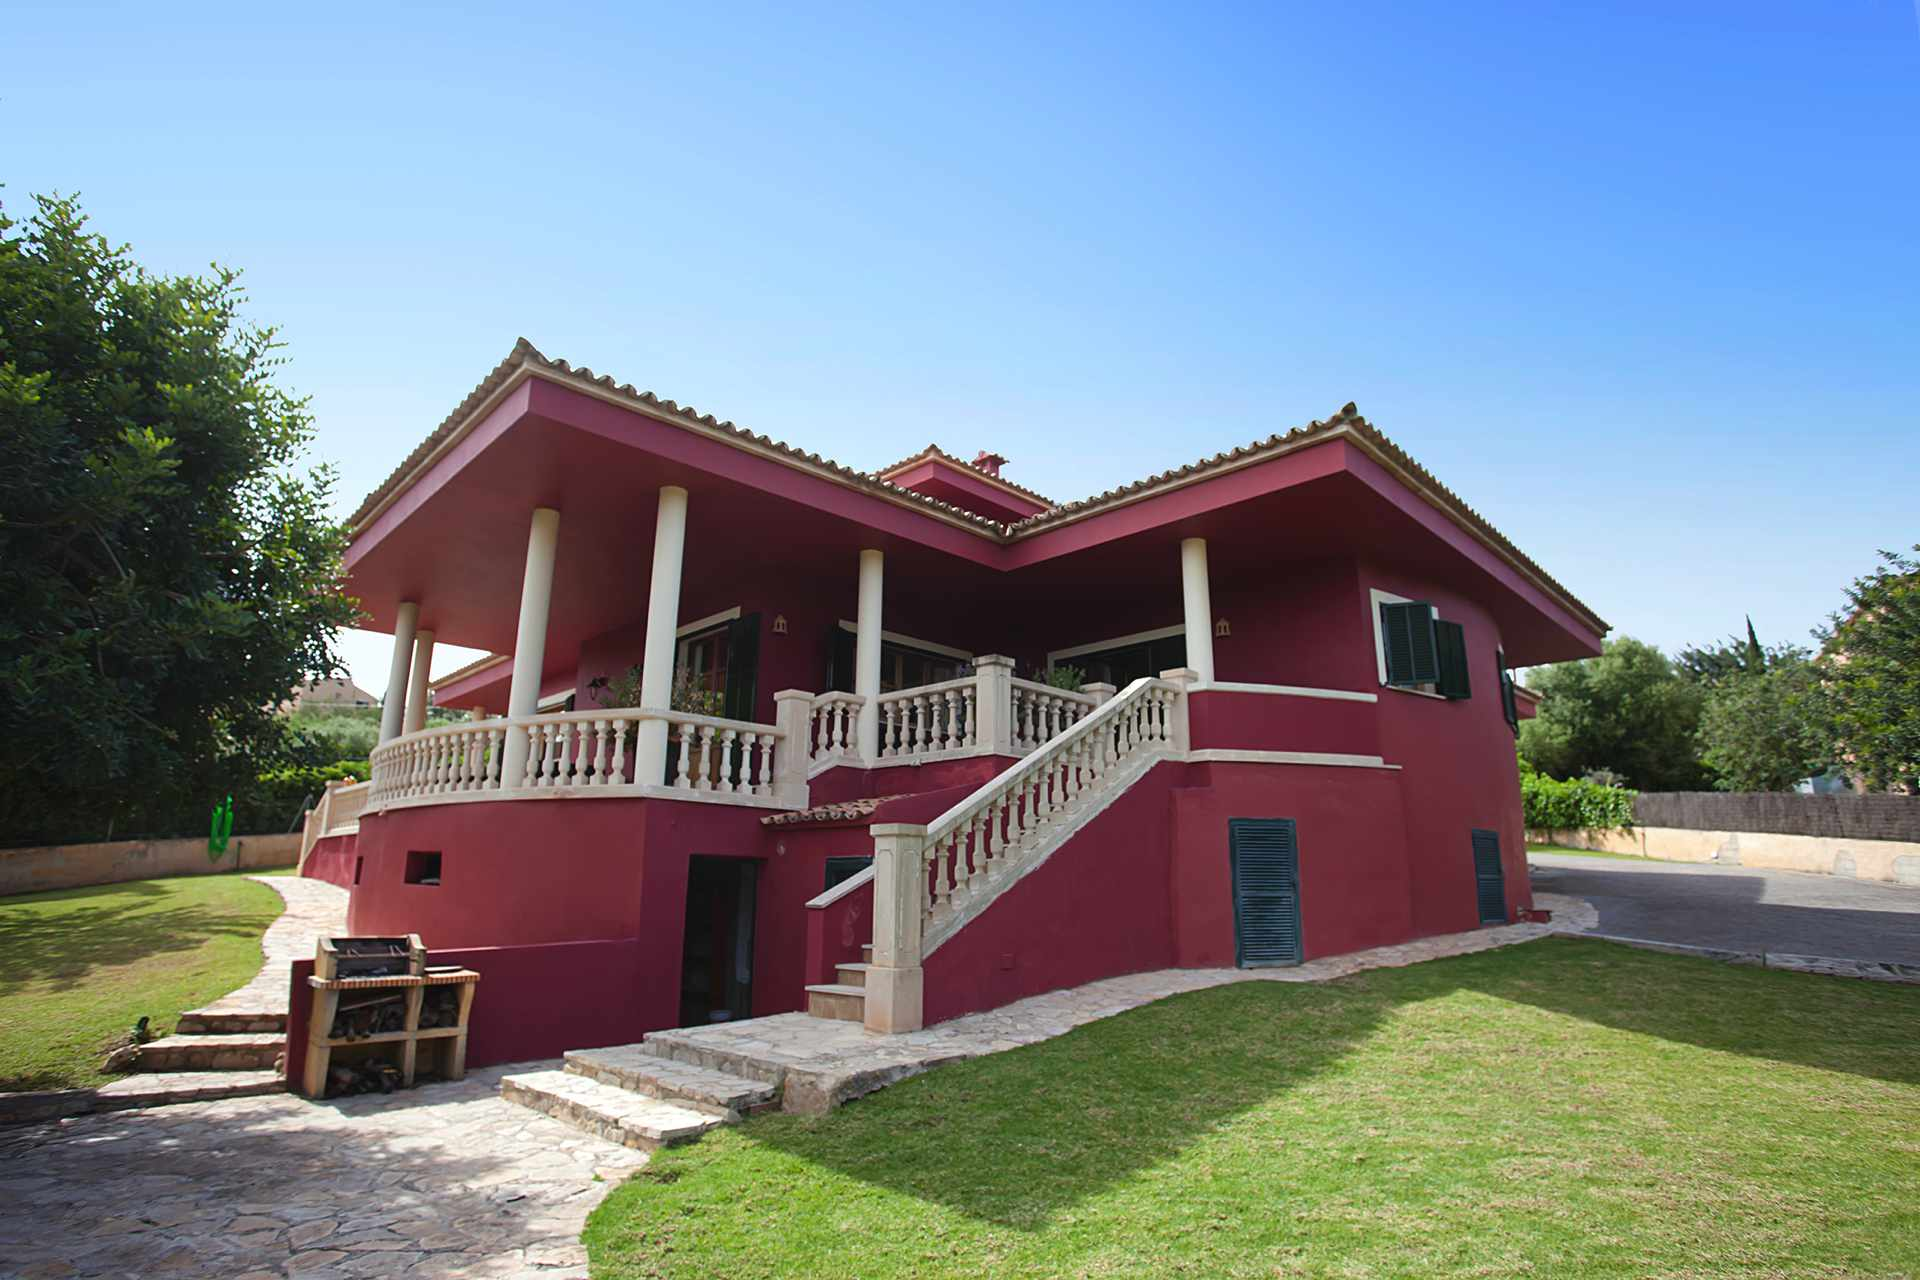 01-309 hübsches Ferienhaus Mallorca Zentrum Bild 1